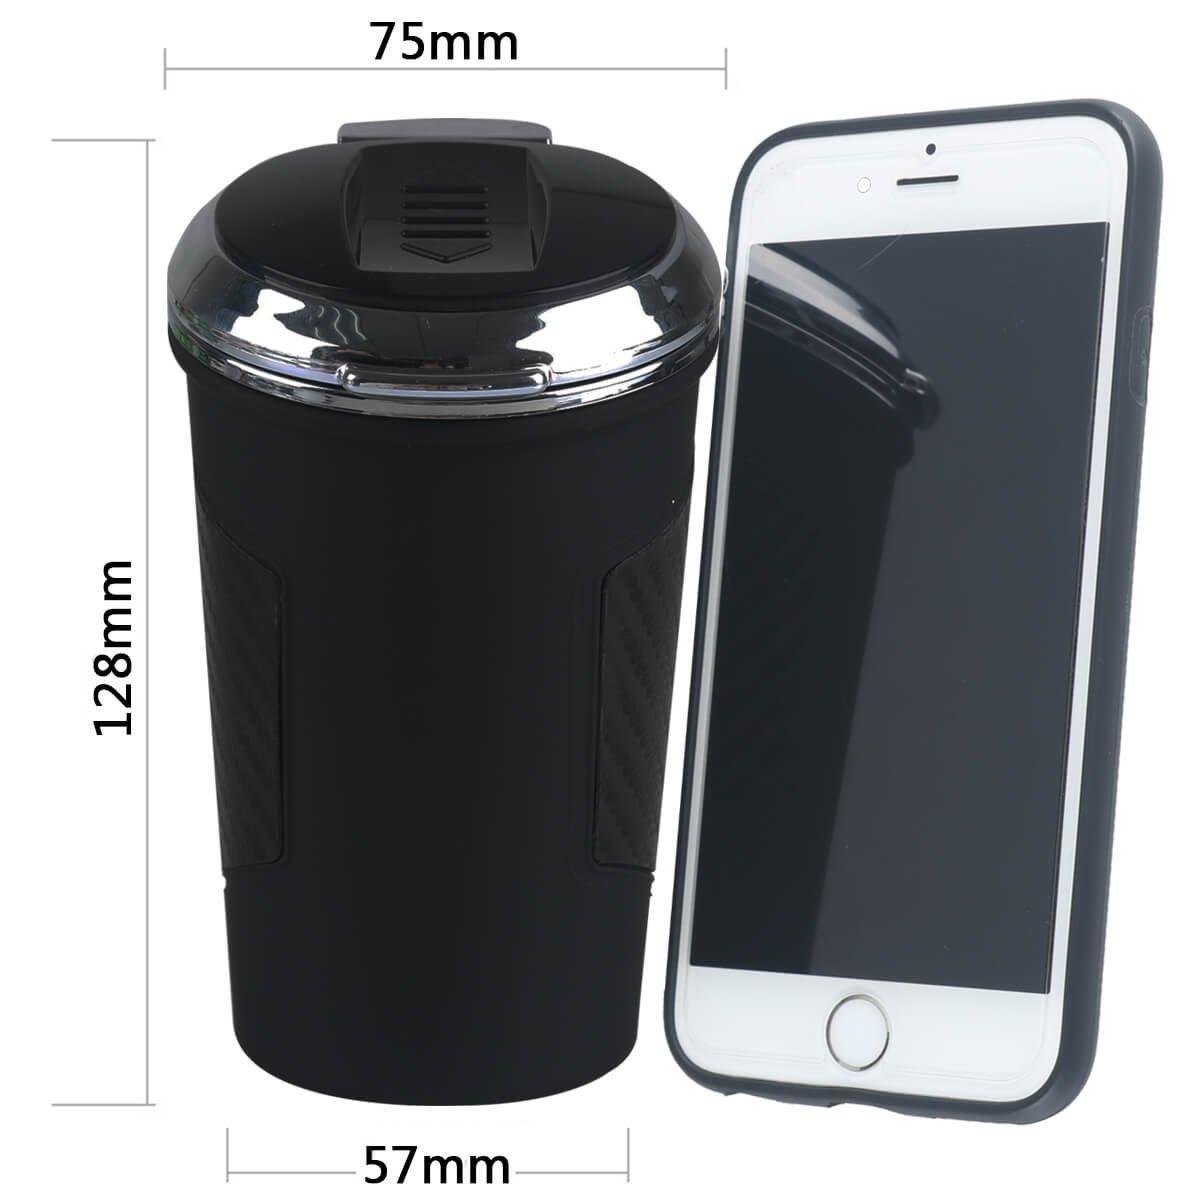 Car Ashtray with Lid Black O3DHQX044U84415CMJV Slide Lighter Portable for Car Cup Holder by RCRunning Blue Led Light